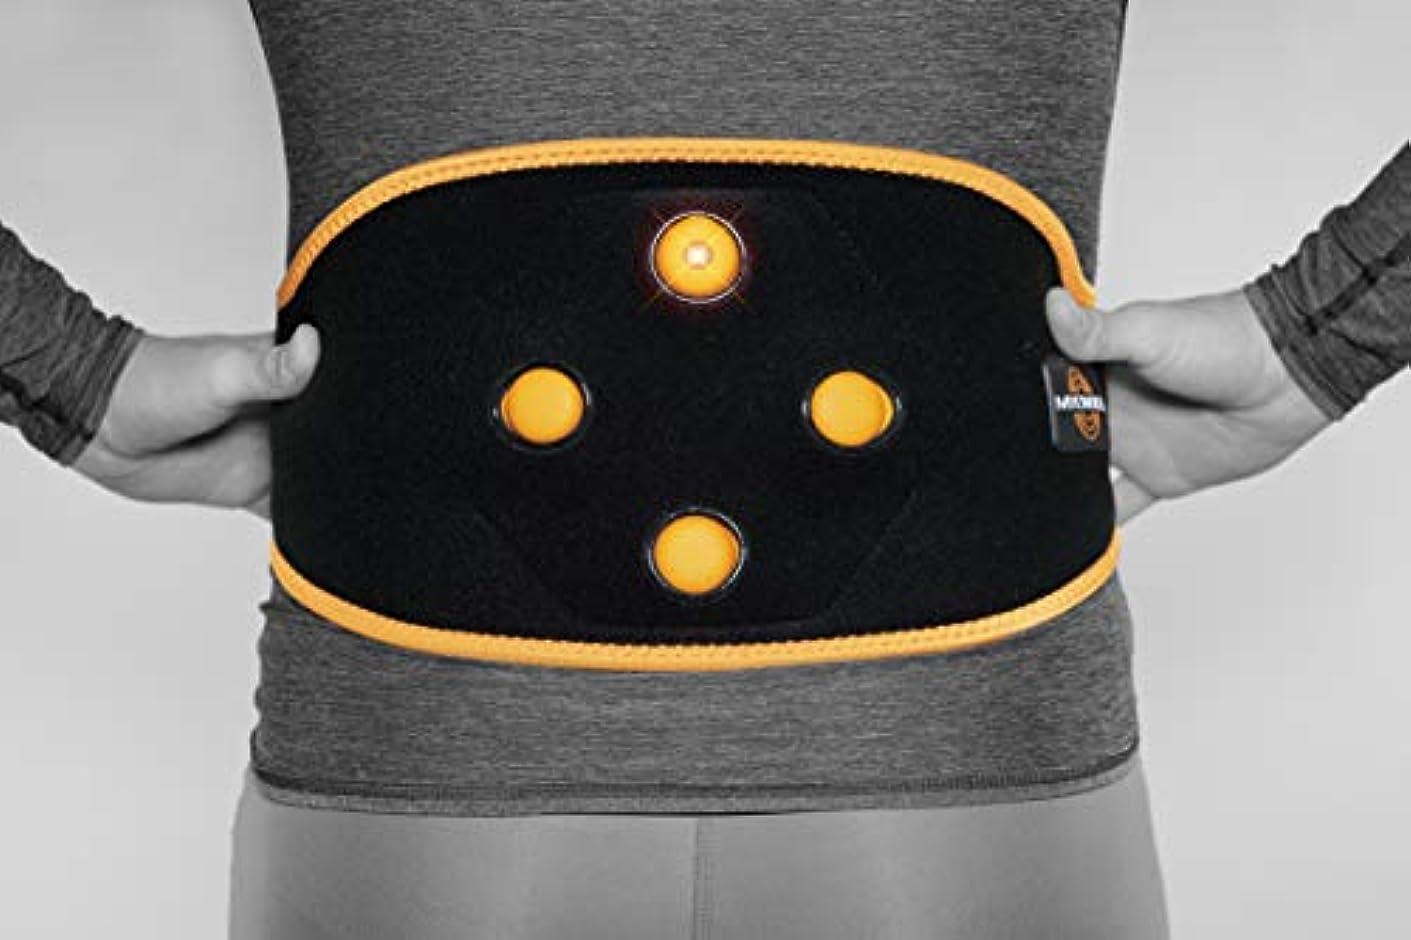 ディプロマ息苦しいほうきMyovolt Wearable Massage Technology for Back & CORE/Vibration Therapy Device/筋肉こわばりが気になる方へ リラックス 141[並行輸入]